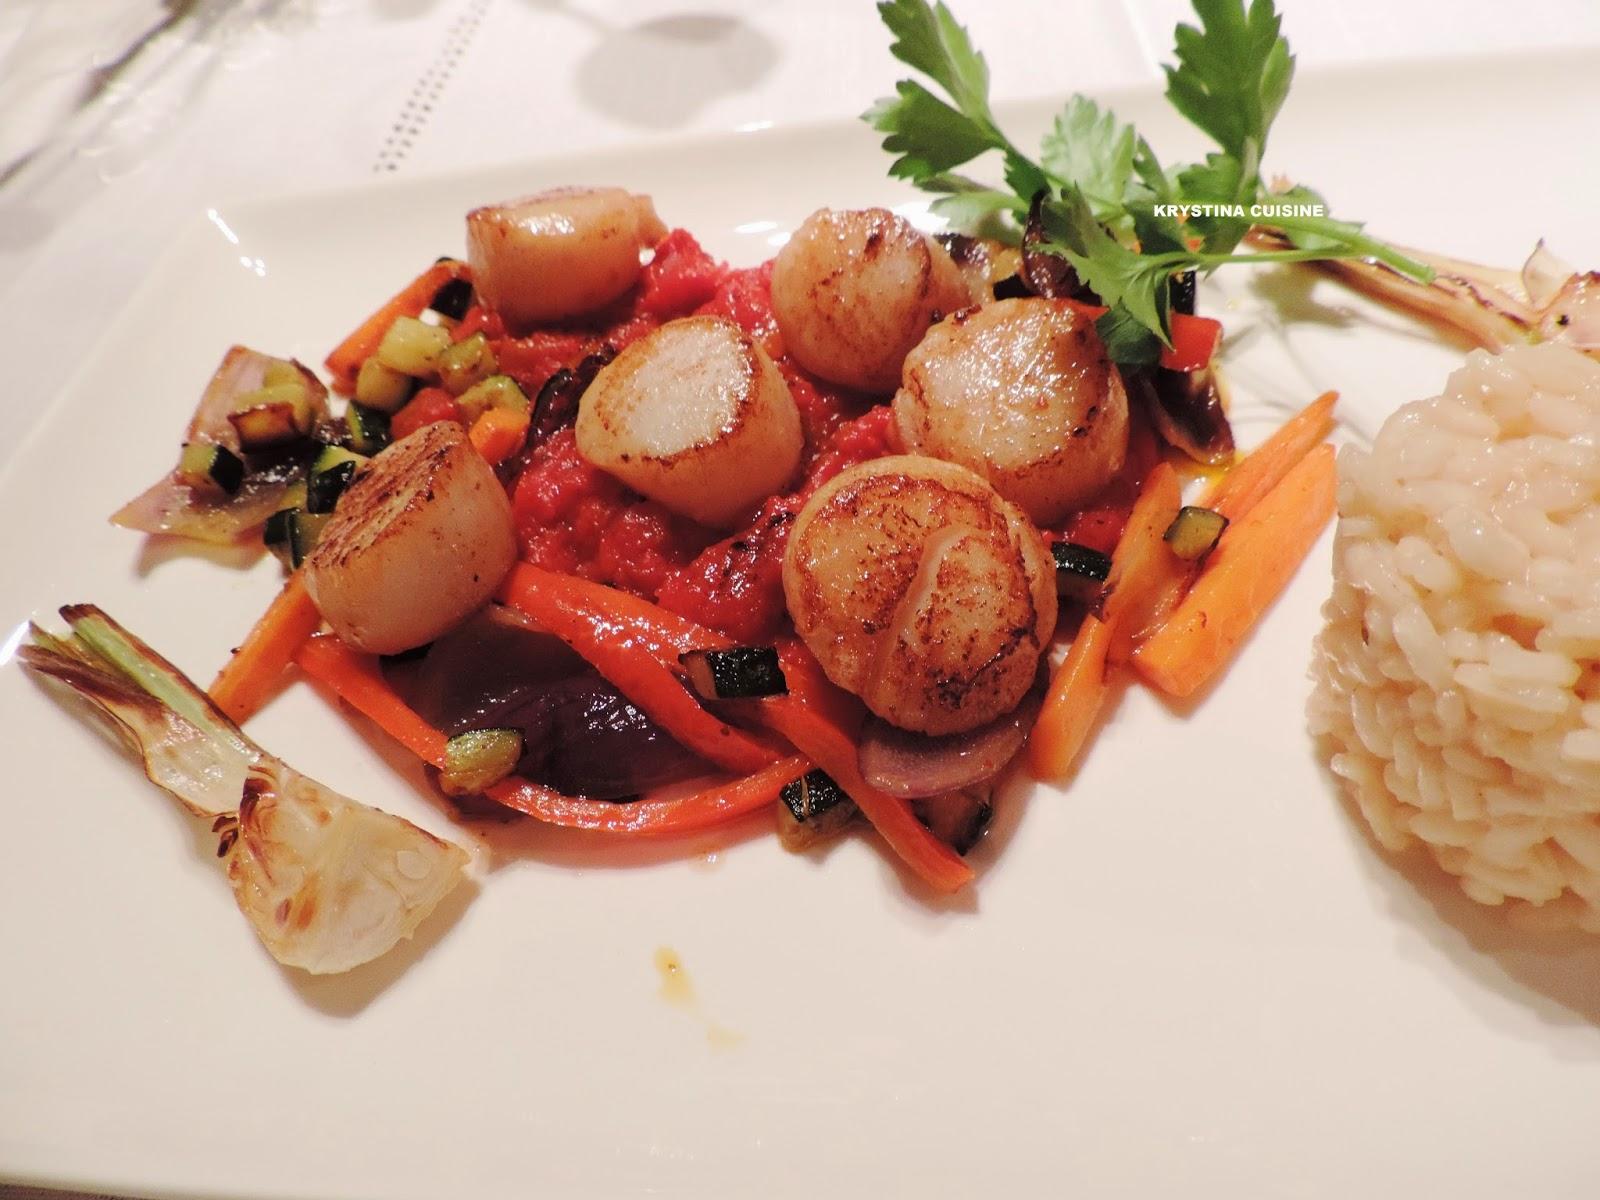 Krystina cuisine noix de saint jacques la proven ale for Allez cuisine translation